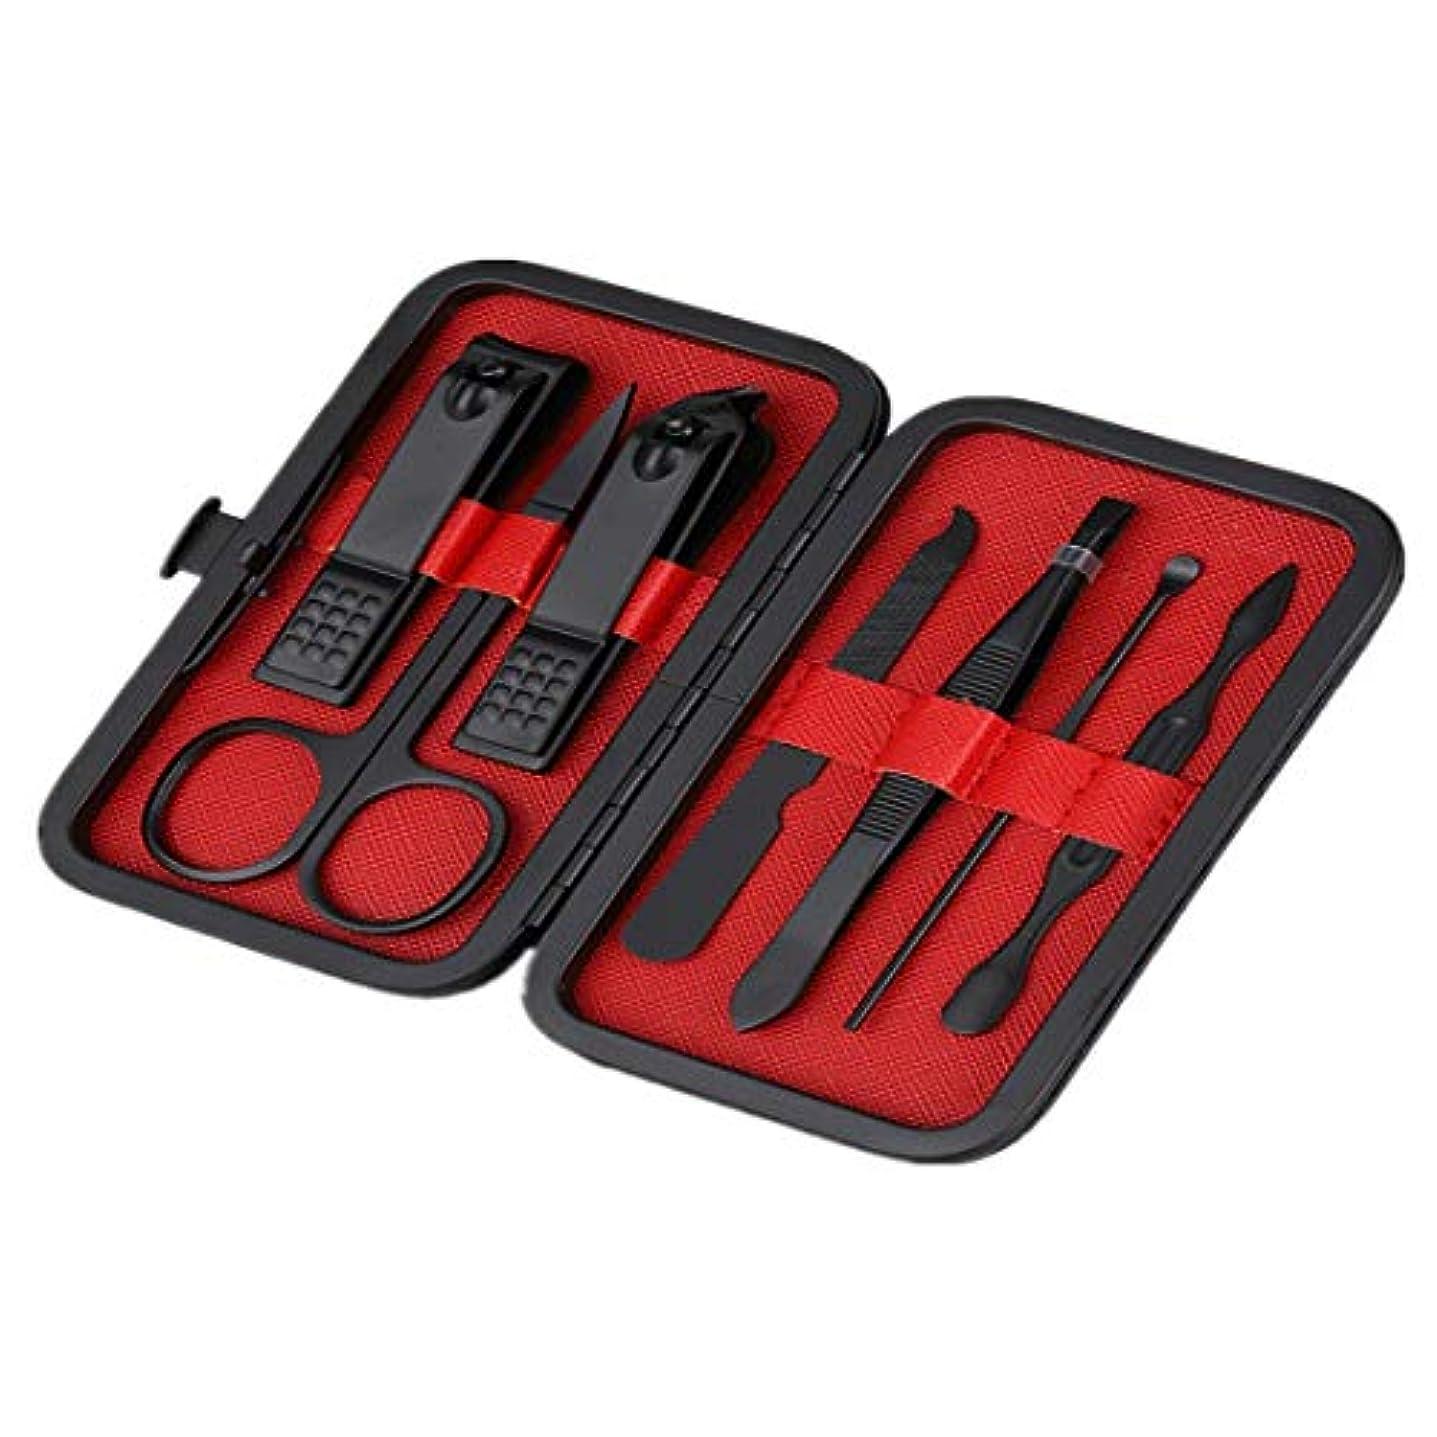 医薬薄汚い構想するJiaoran ステンレス製の美容ツール、ネイルツール、ネイル、足の爪、アイブロウキット、9/12個、1パックあたり1個 (Color : ZB015)